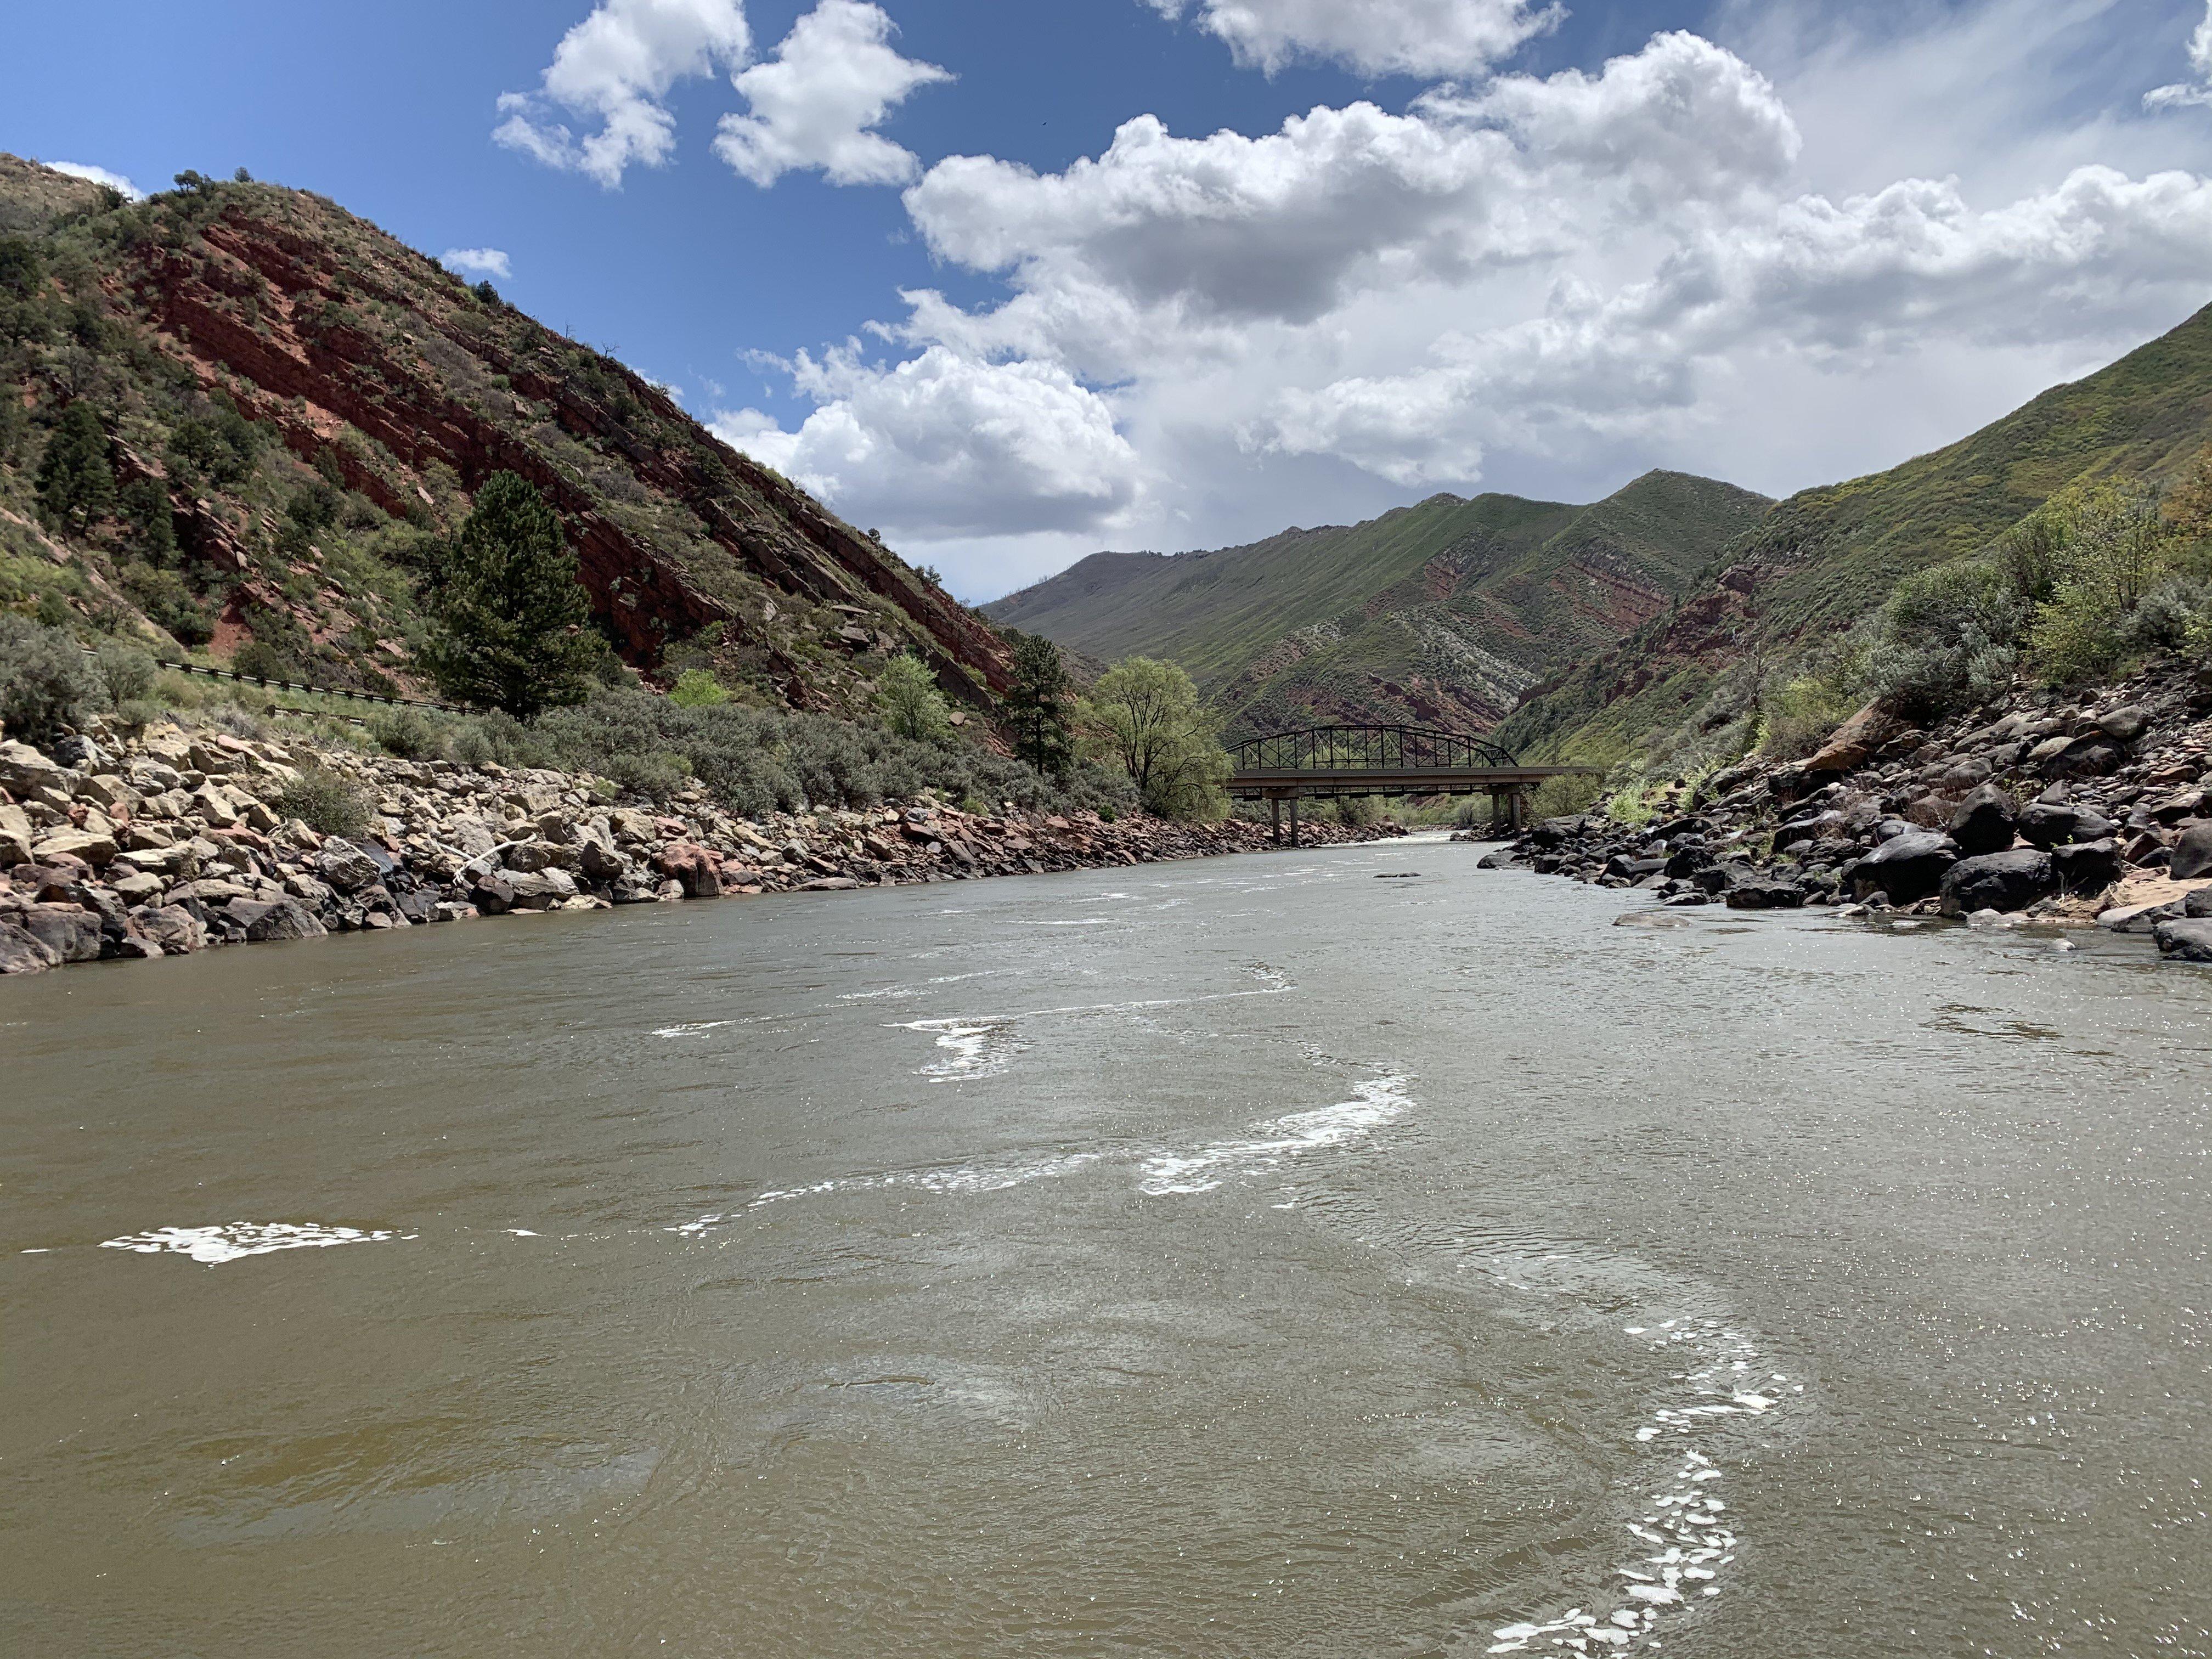 Colorado River Runoff